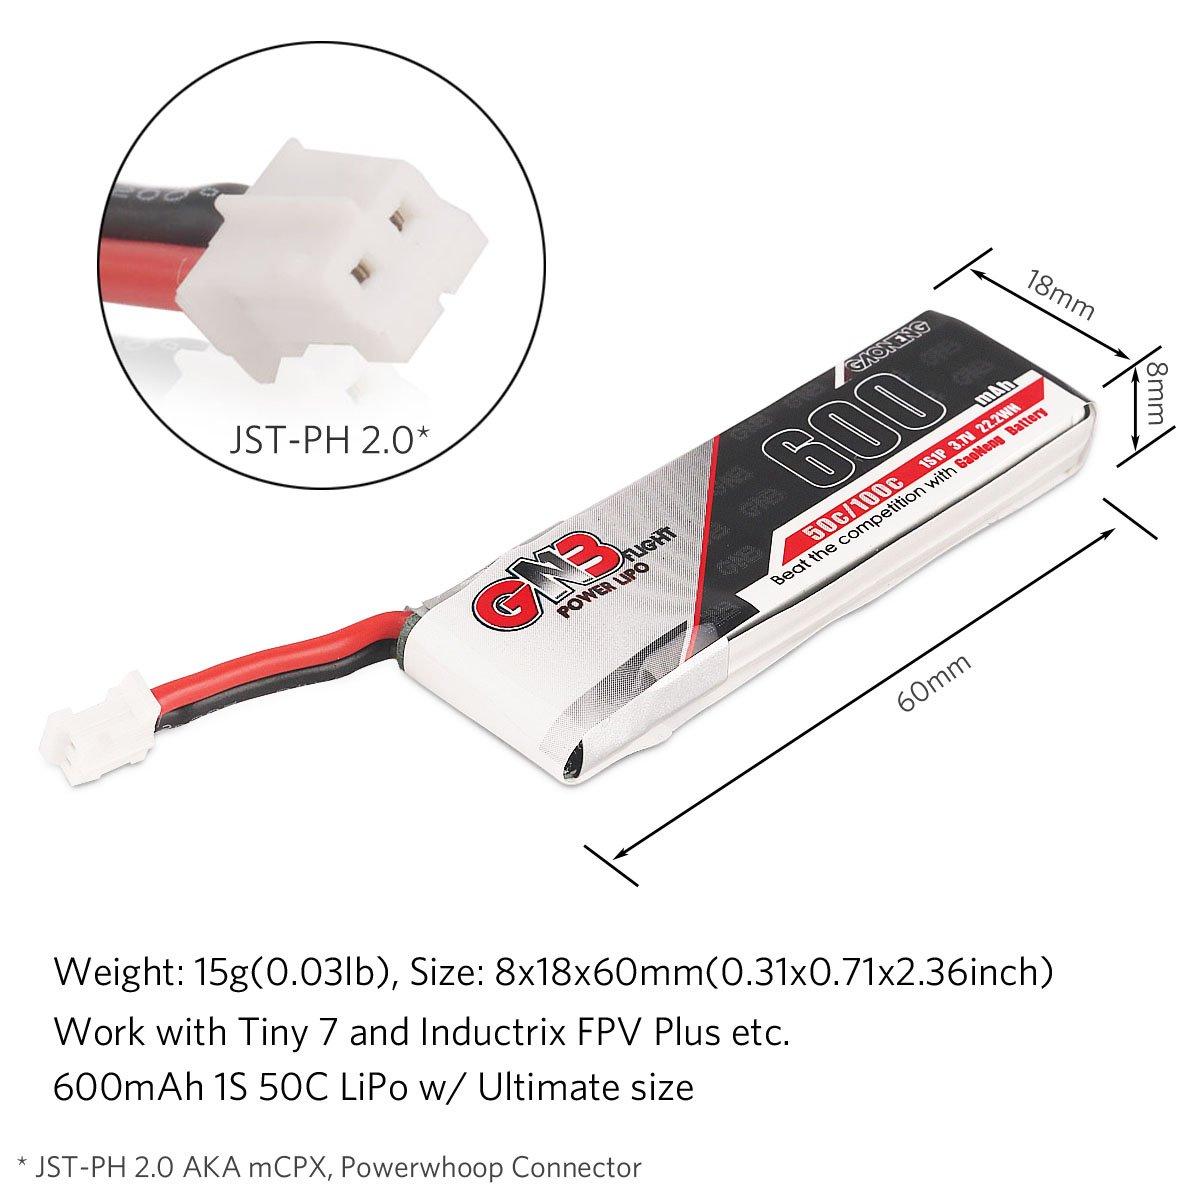 6pcs GNB 260mAh HV 1S LiPo Battery 30C 3.8V LiHV for Tiny Whoop JST-PH 2.0 Po...